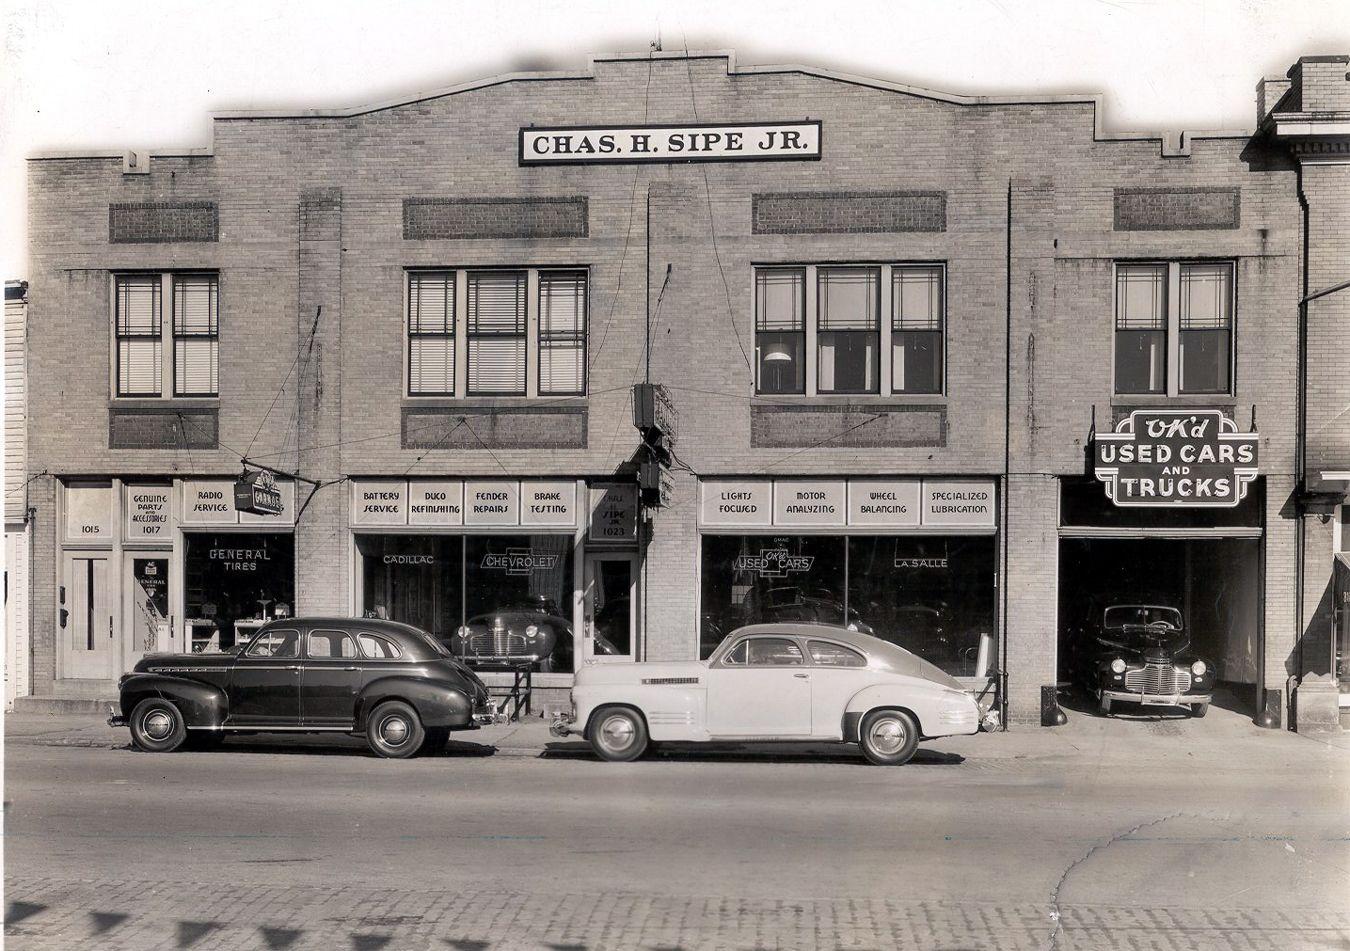 1950s chevrolet dealership building blueprints google search 1950s chevrolet dealership building blueprints google search